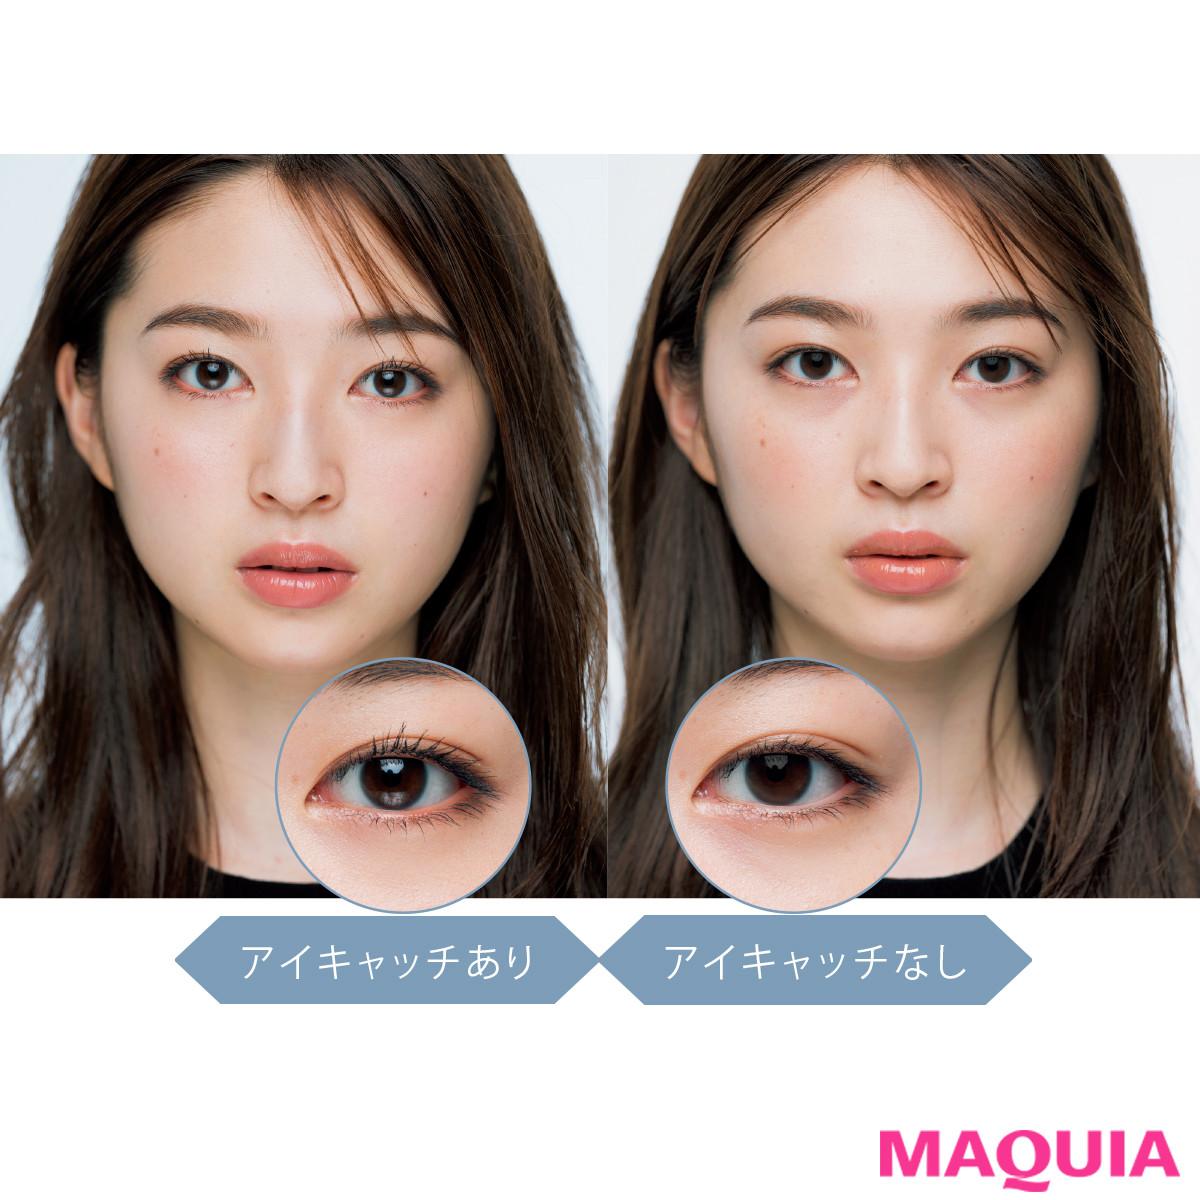 瞳を輝かせると、美肌も若見えも叶う! アイキャッチを増すメイク術を大公開